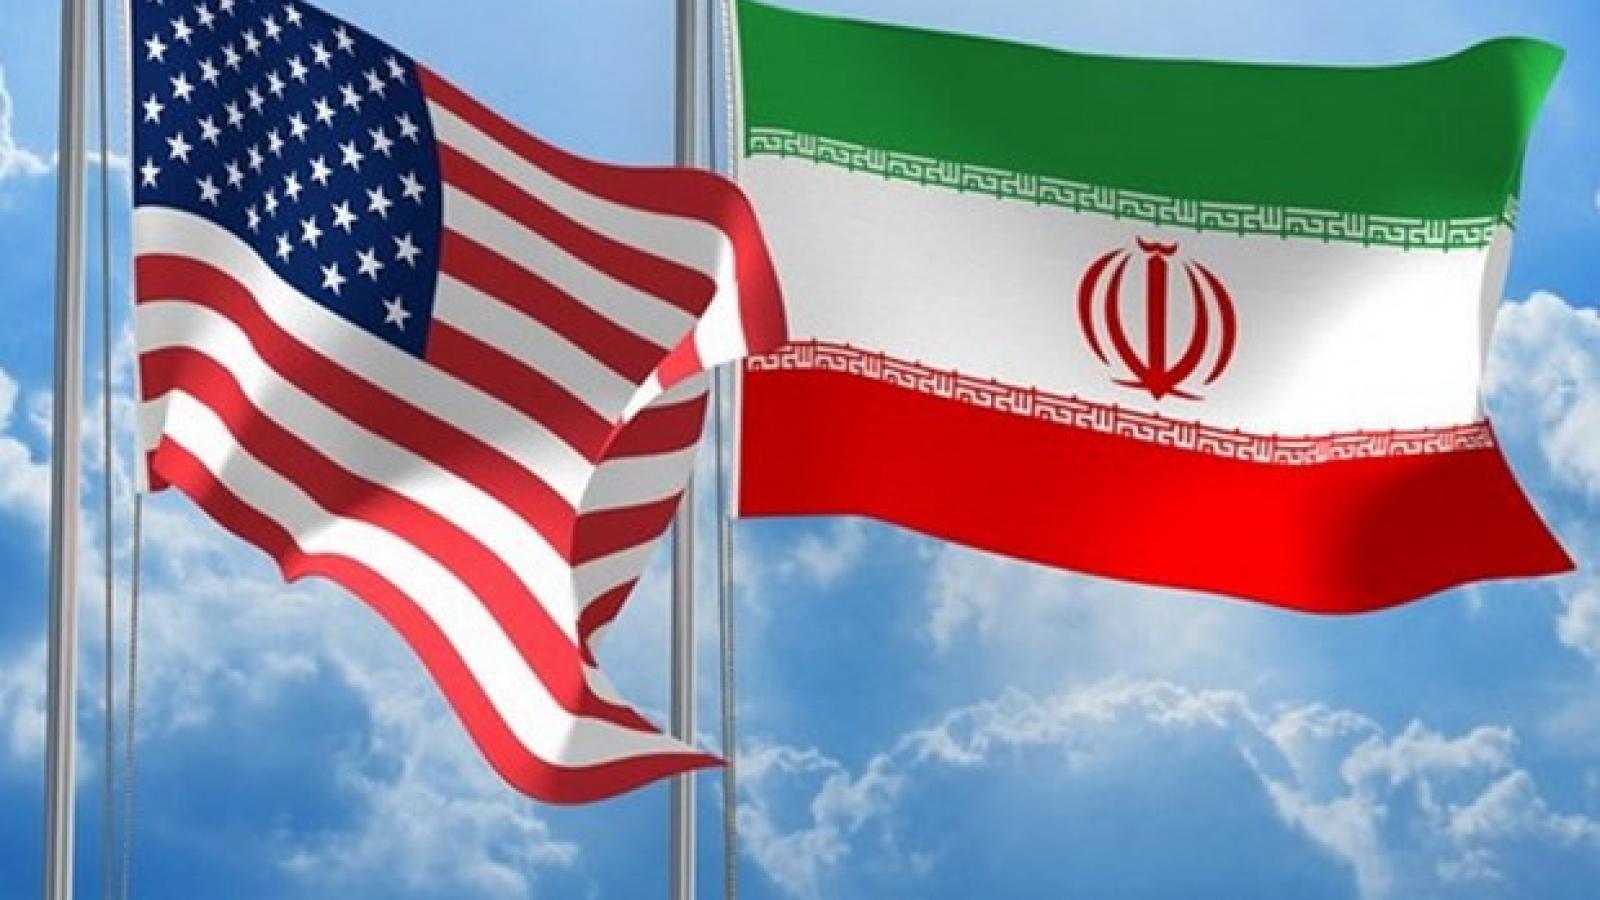 Tổng thống Trump tuyên bố sẽ đơn phương tái áp đặt trừng phạt Iran